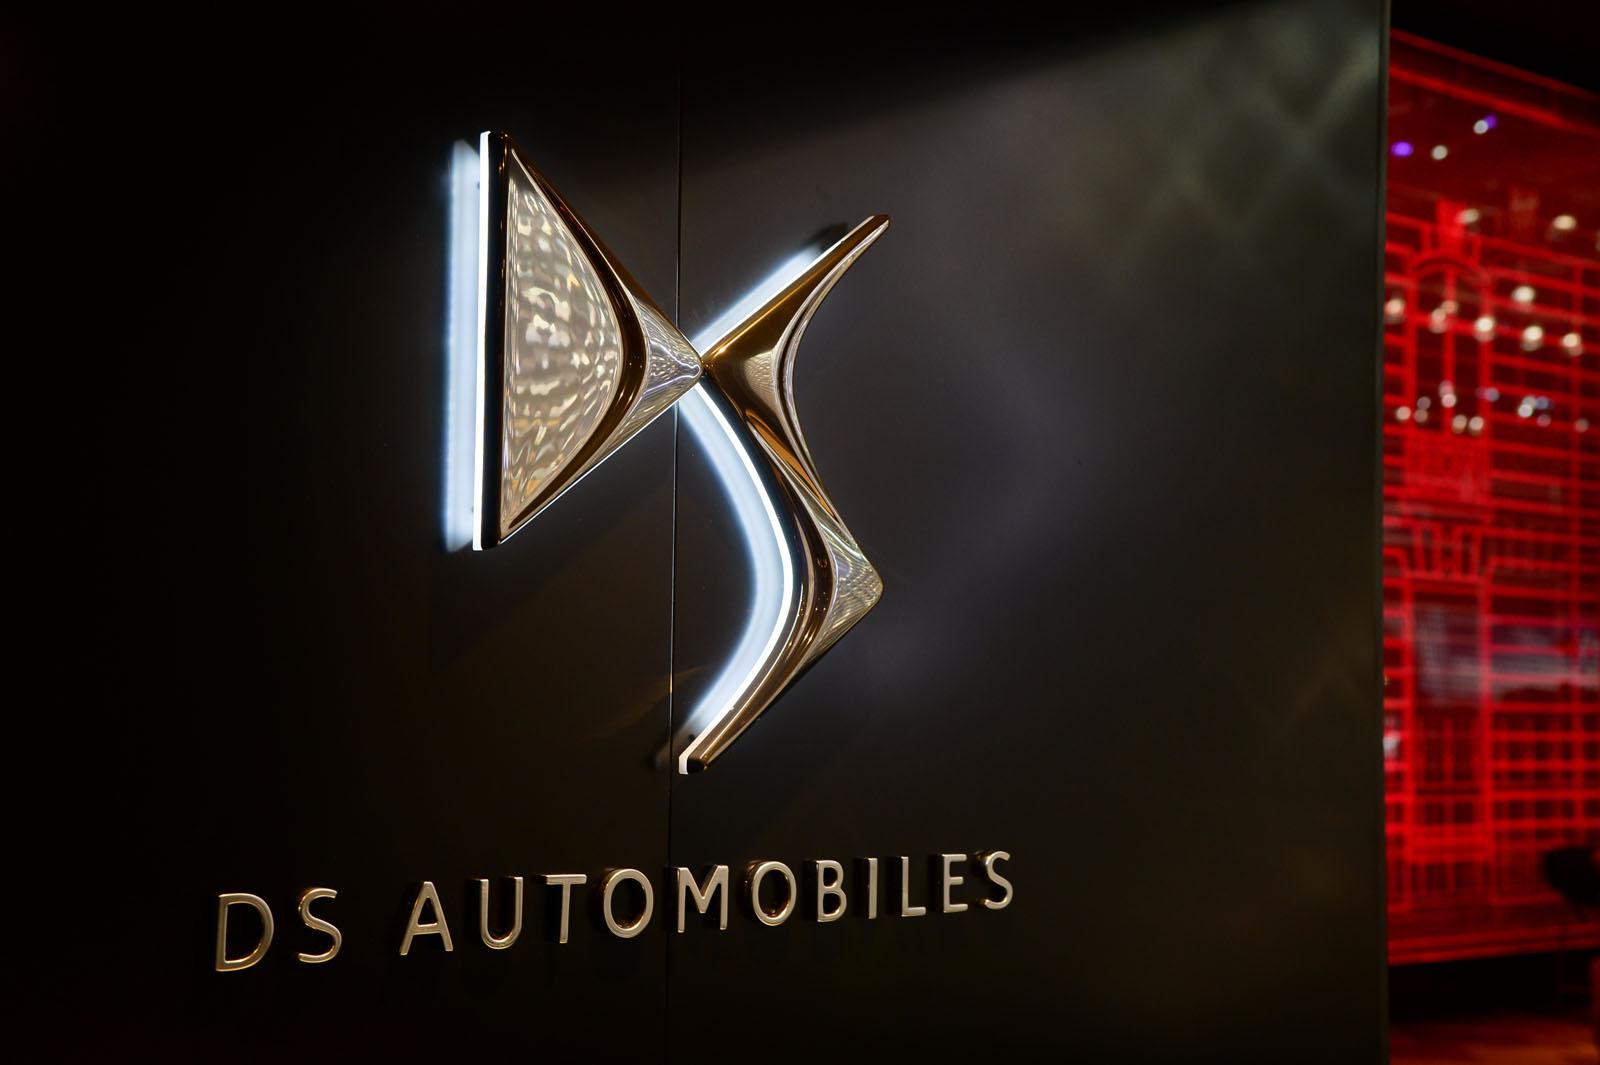 DS Automobiles : comment la marque française engage son virage technologique